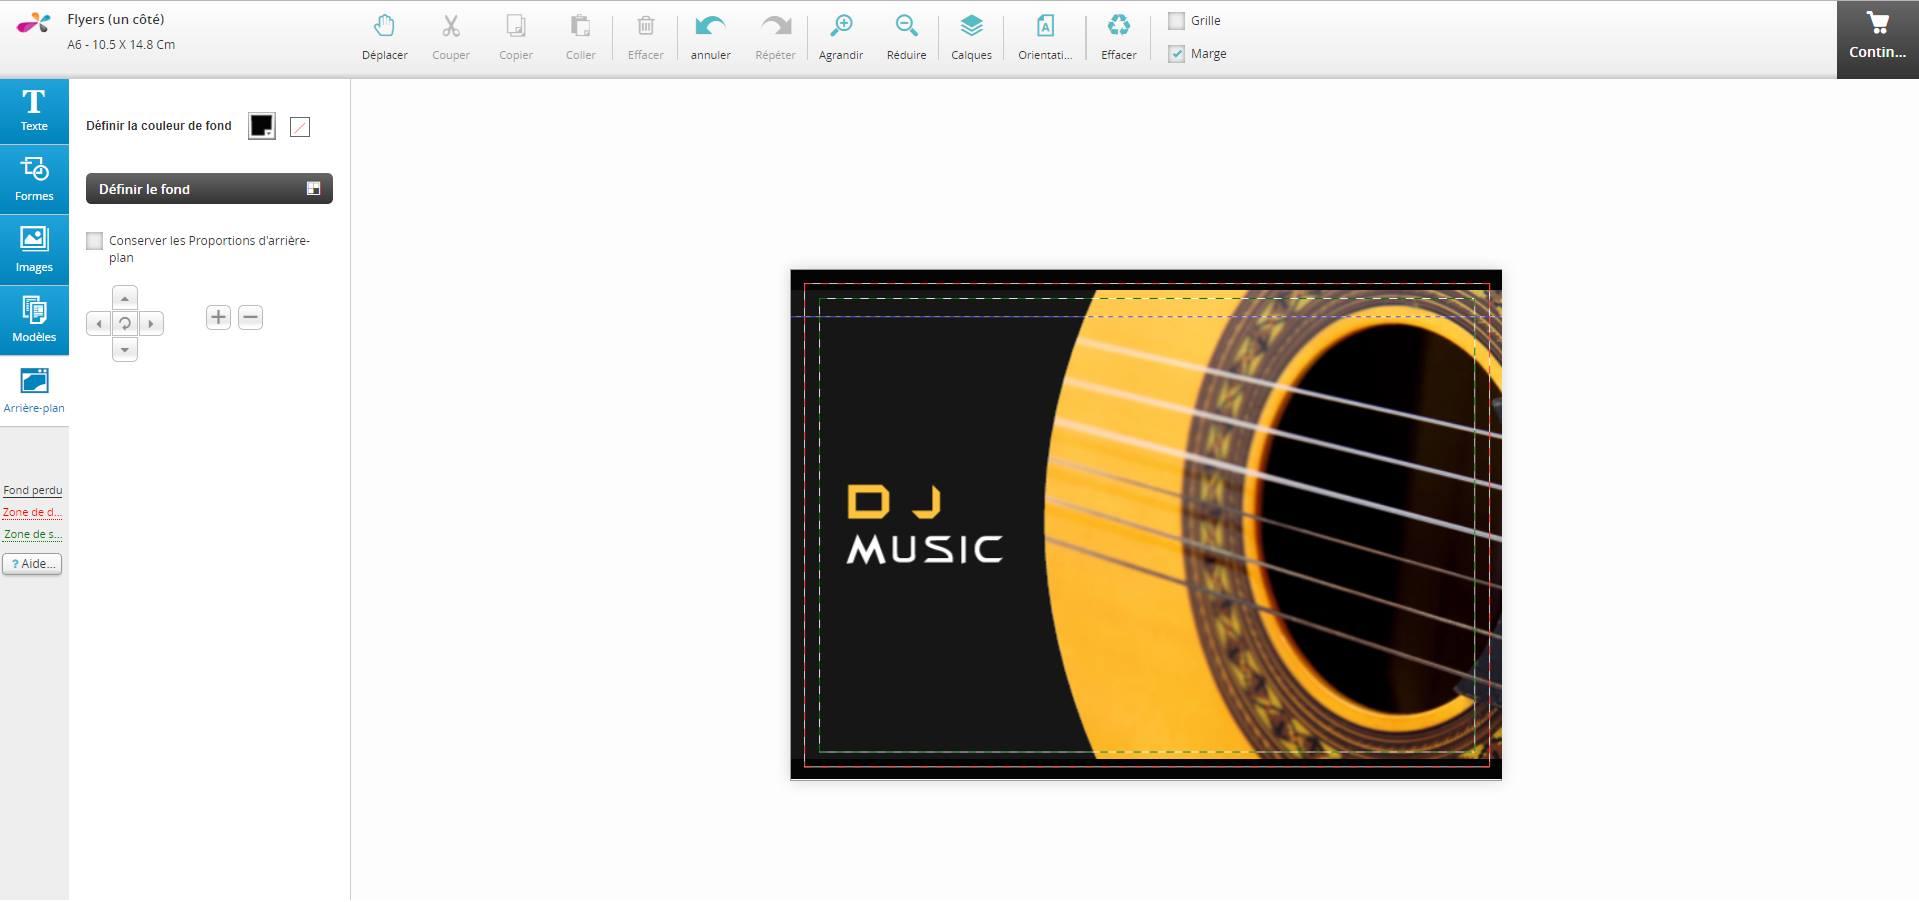 page création flyer en ligne à partir d'un modèle